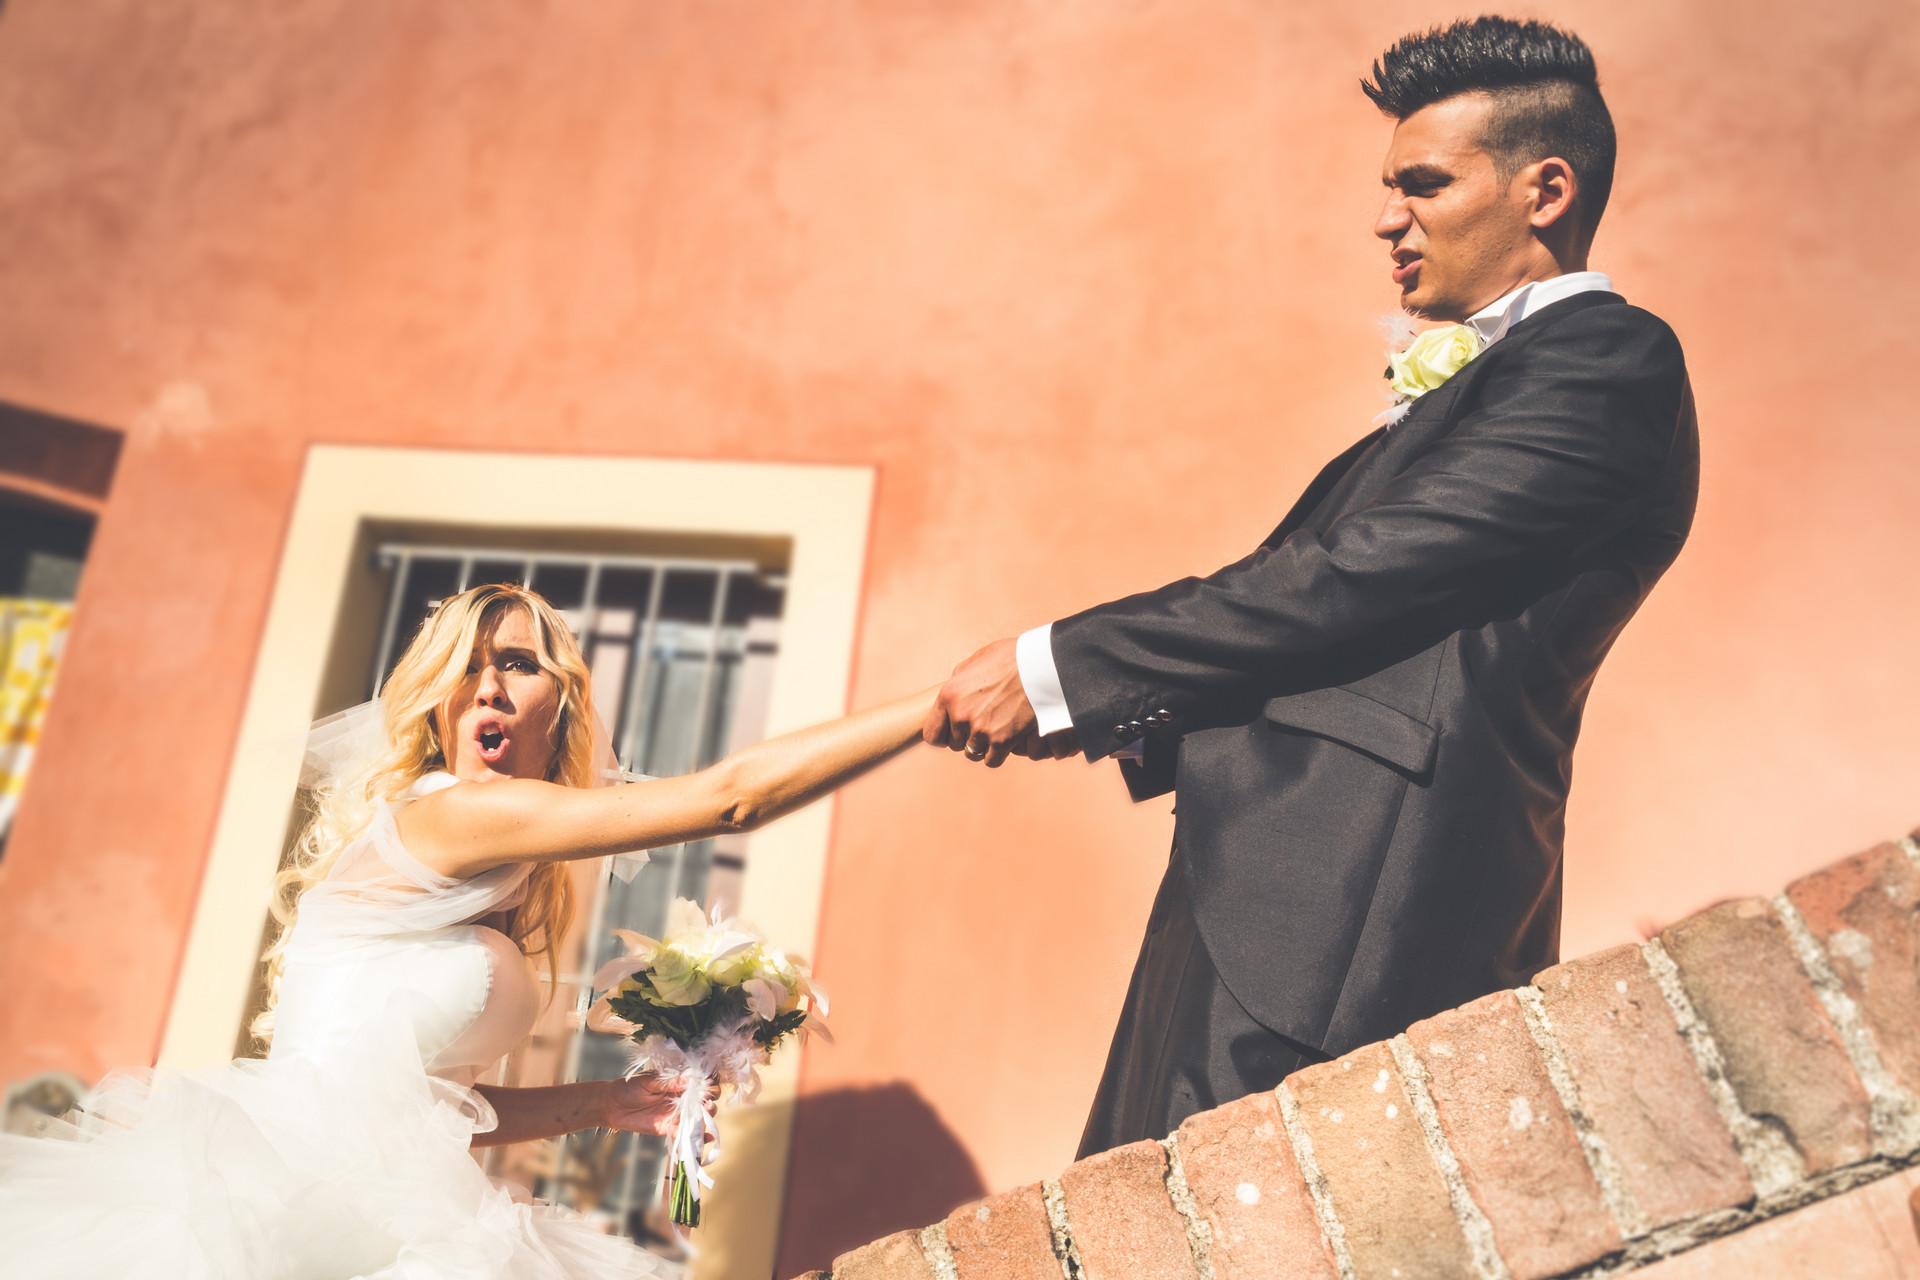 315-Matrimonio Ele-Fed-Colori-_MG_9327-Modifica